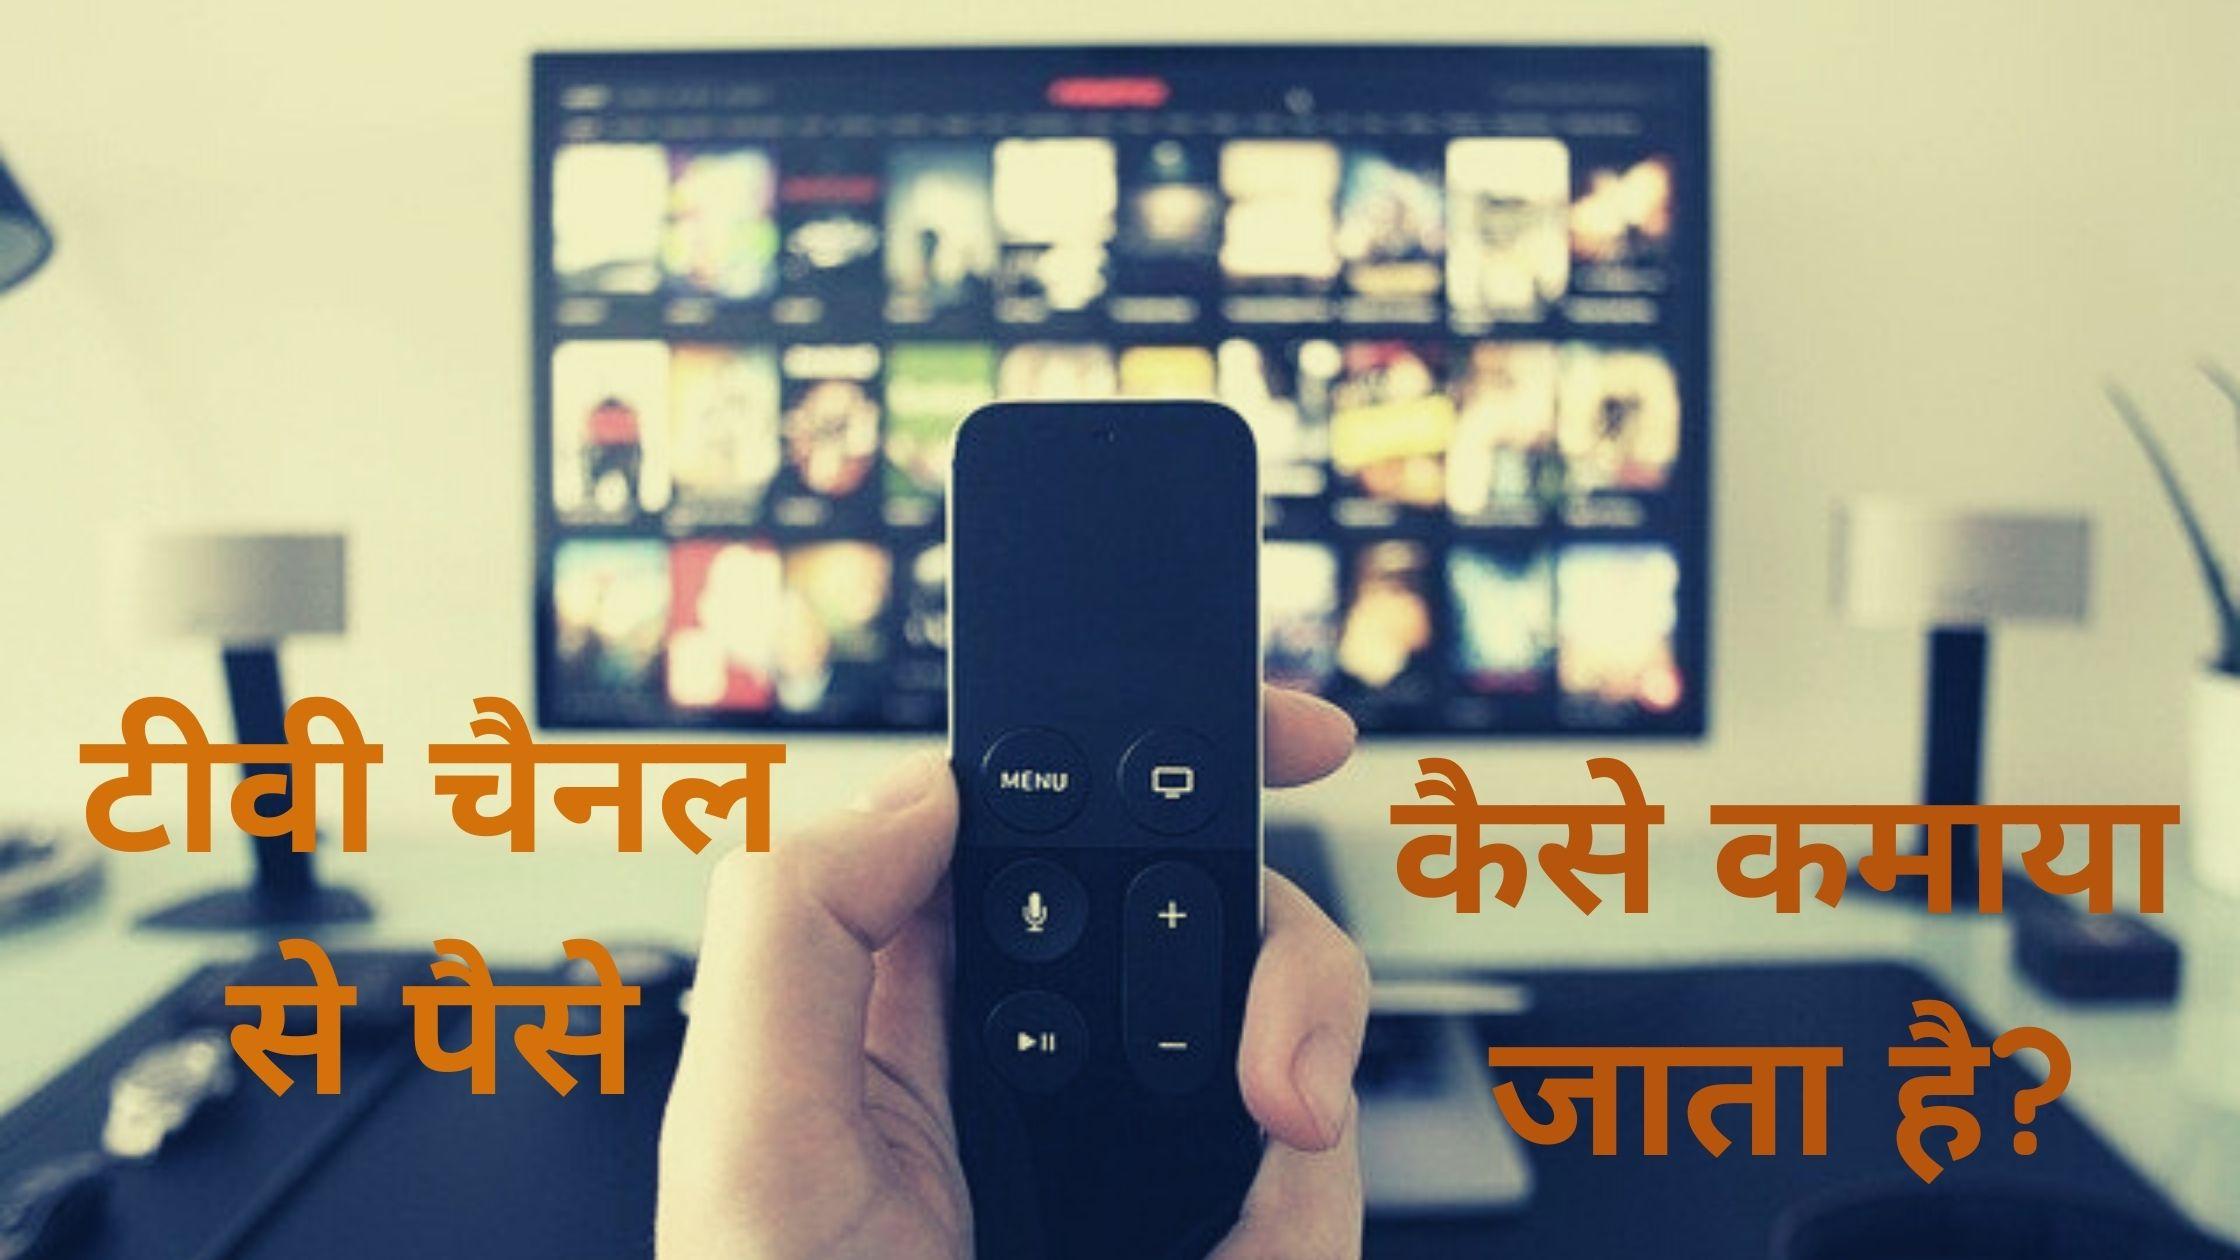 TV Channel वाले पैसे कैसे कमाते हैं?